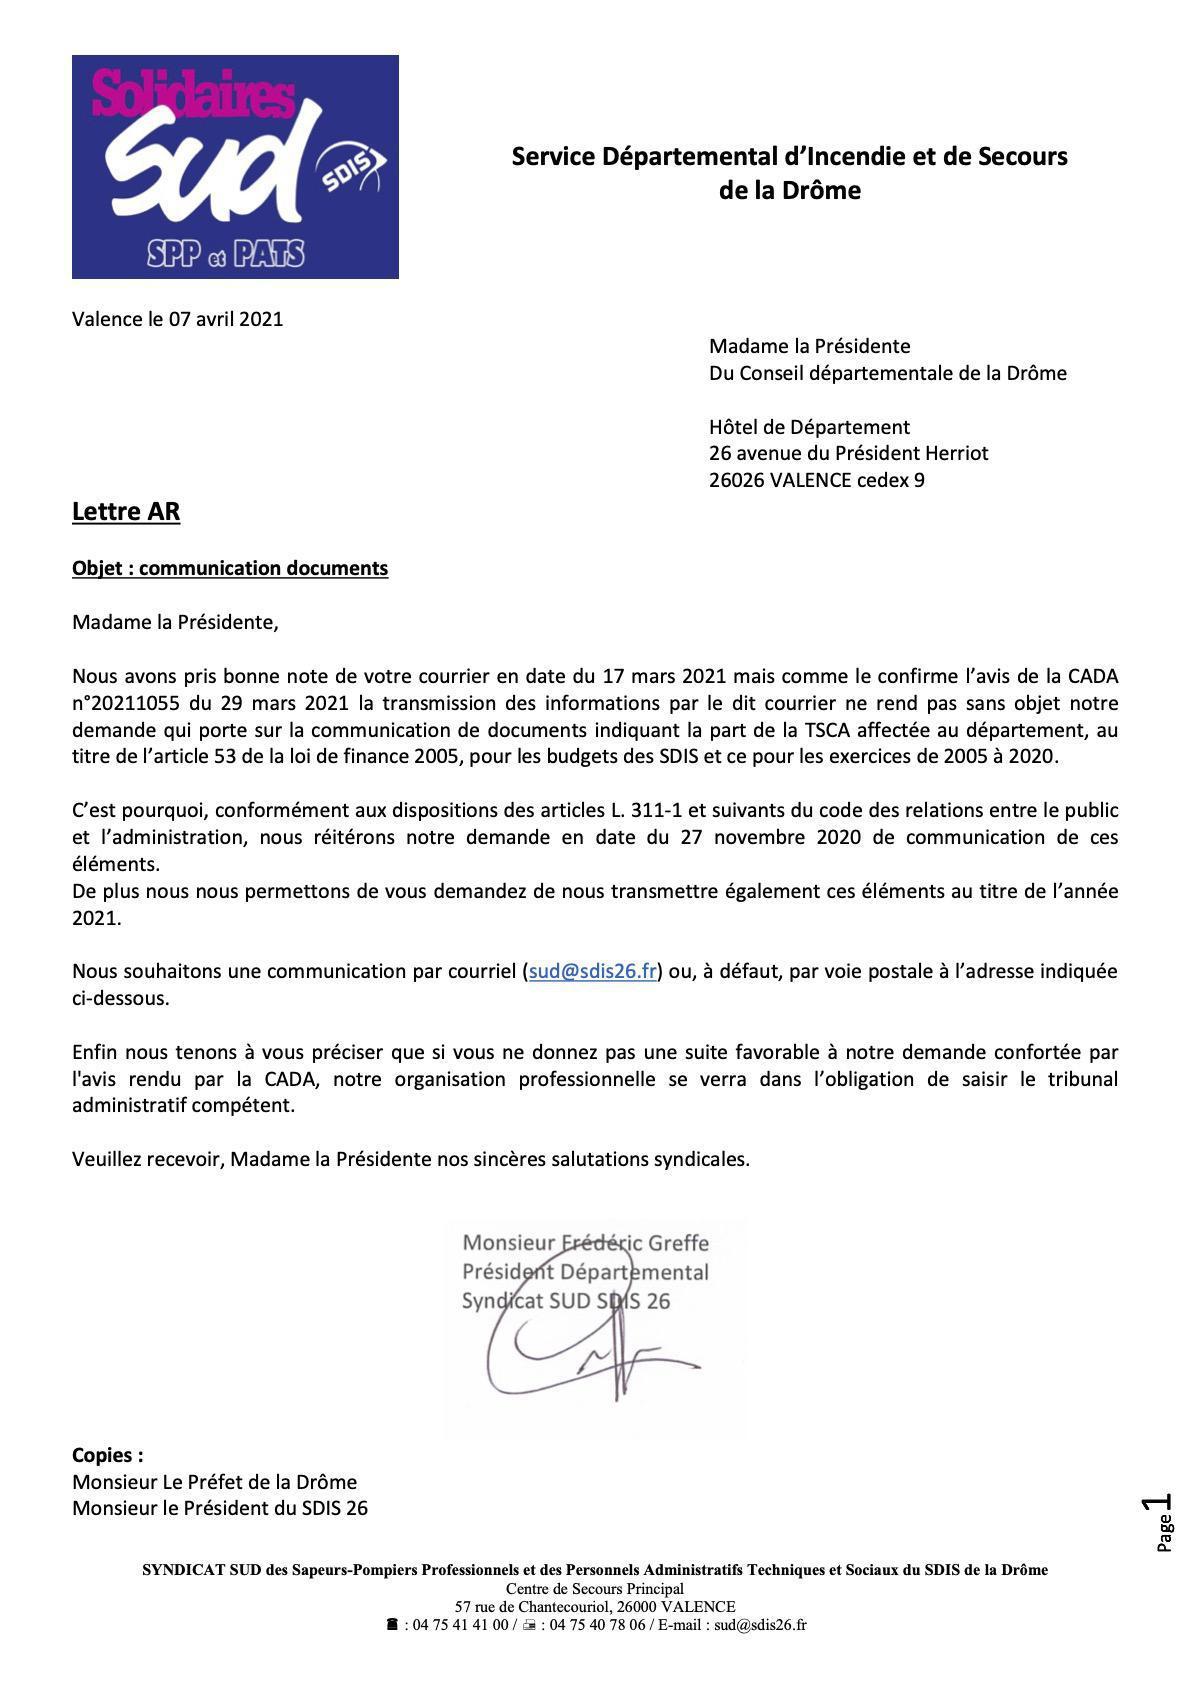 Les montants de la TSCA dans la Drôme ?